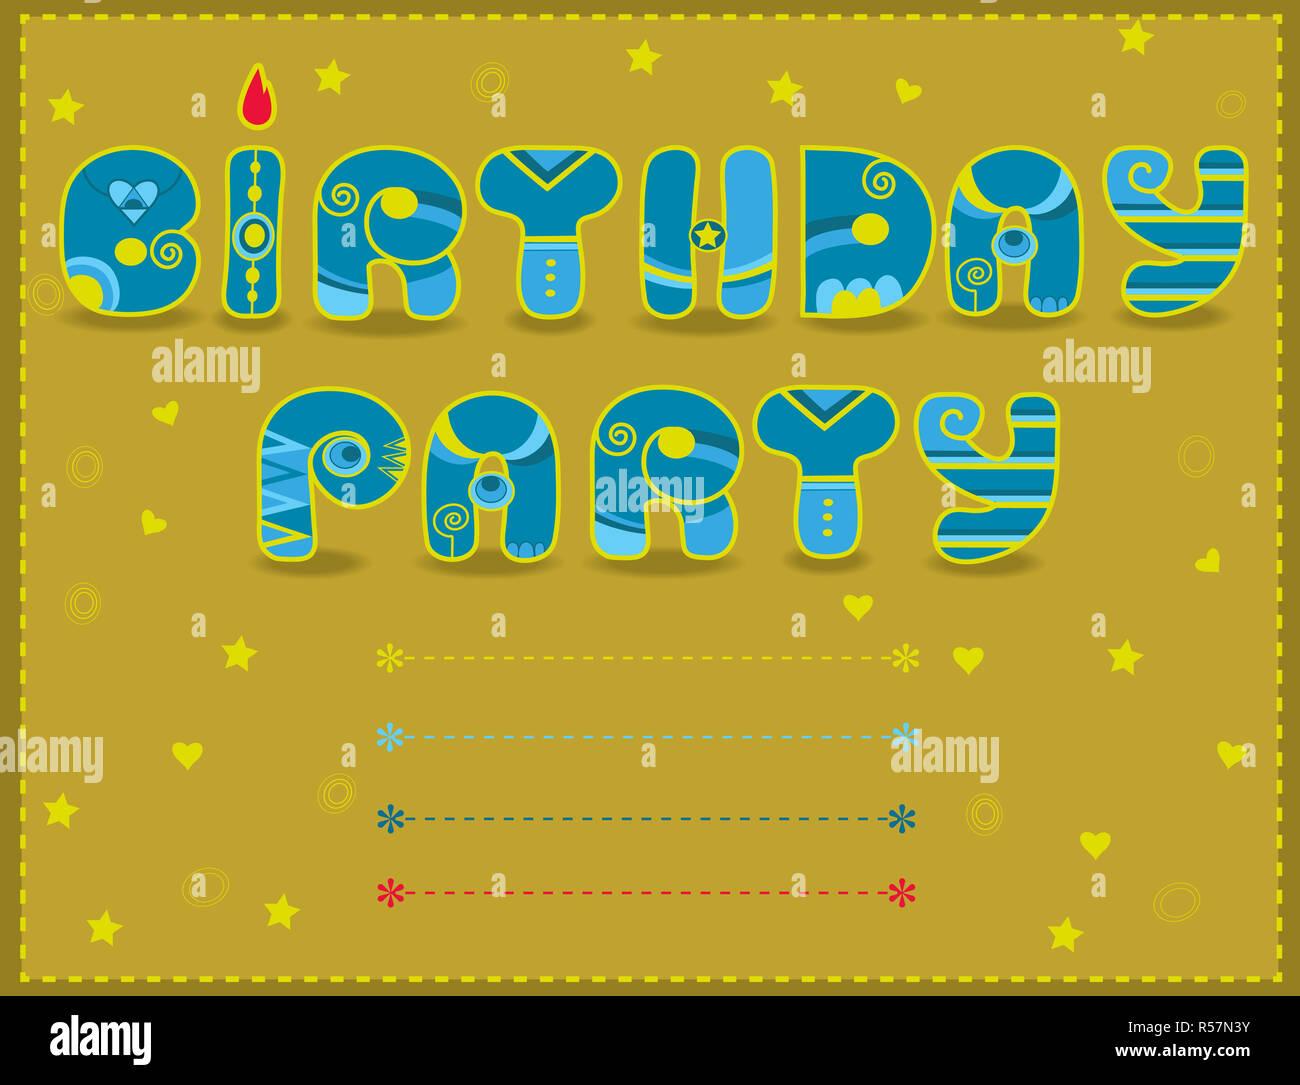 Lustige Einladung Zum Geburtstag Lll